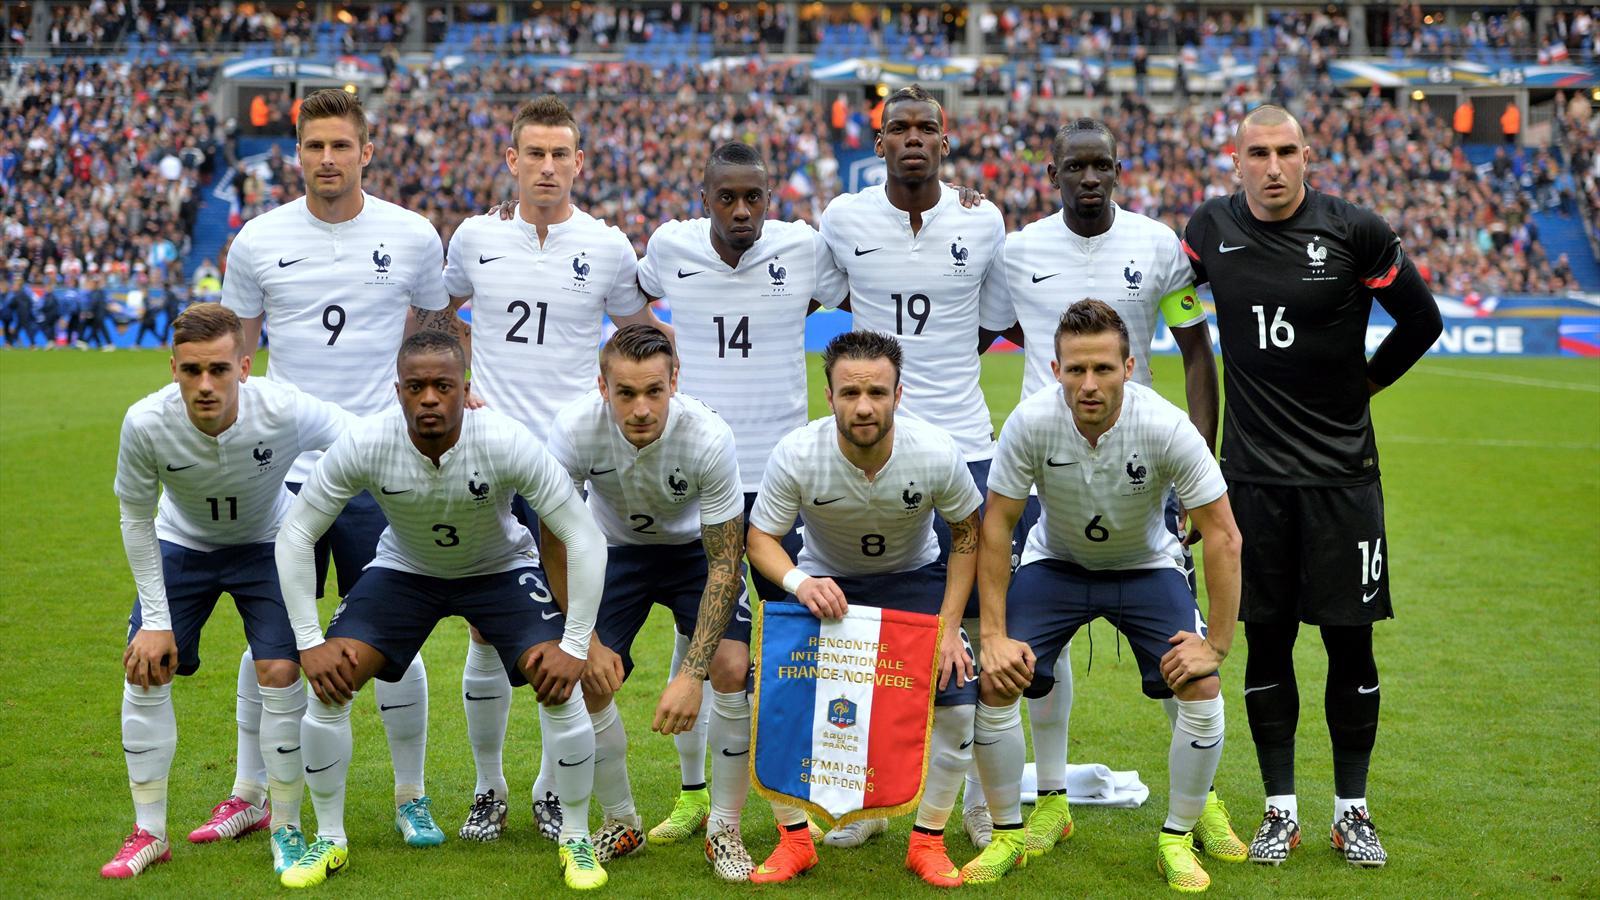 Classement fifa la france tombe la 17e place le br sil est 3e coupe du monde 2022 - Classement equipe de france coupe du monde 2014 ...